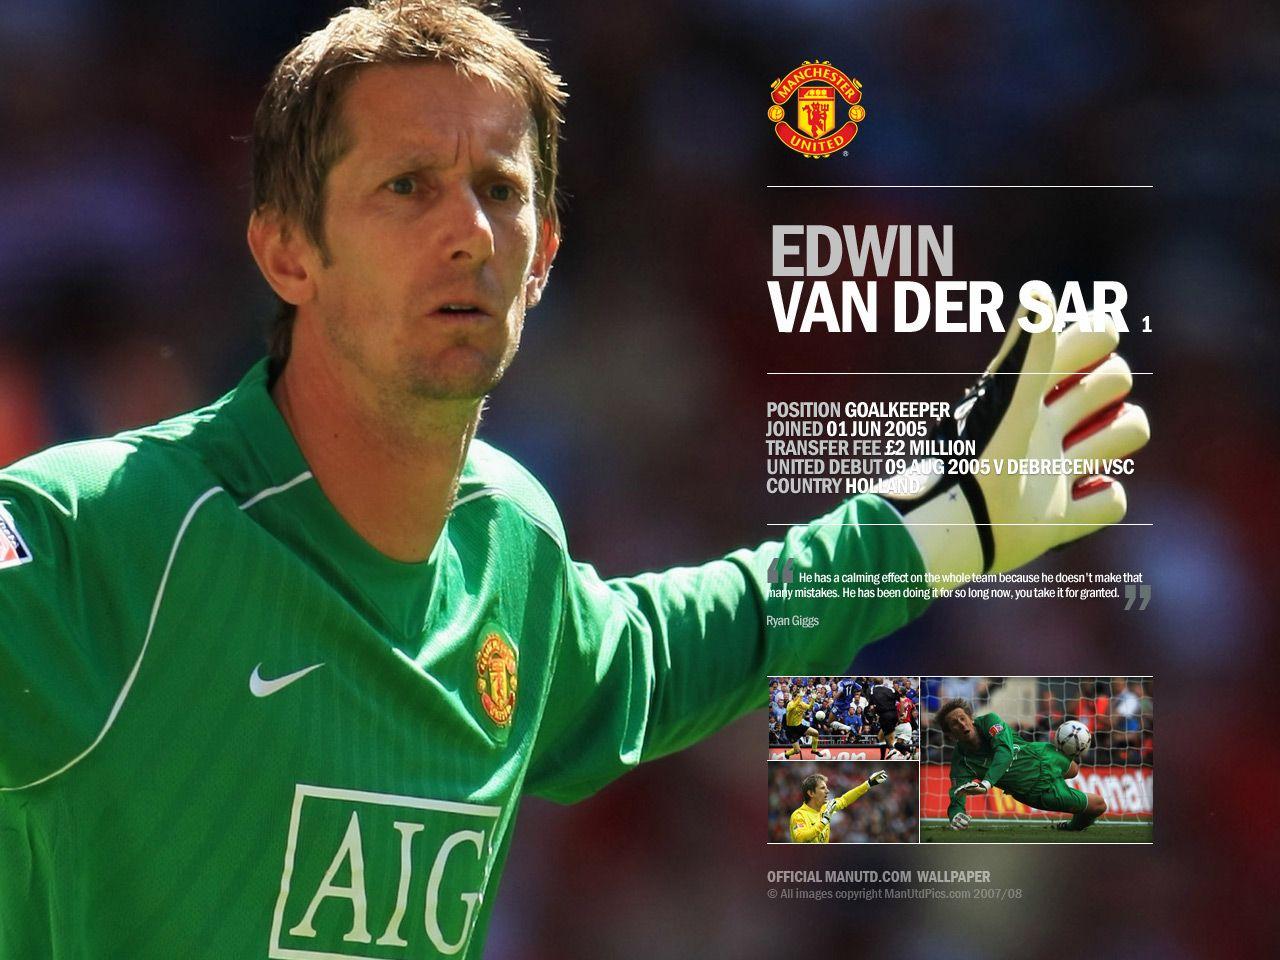 Edwin van der Sar (born 29 October 1970 is a Dutch footballer who ...